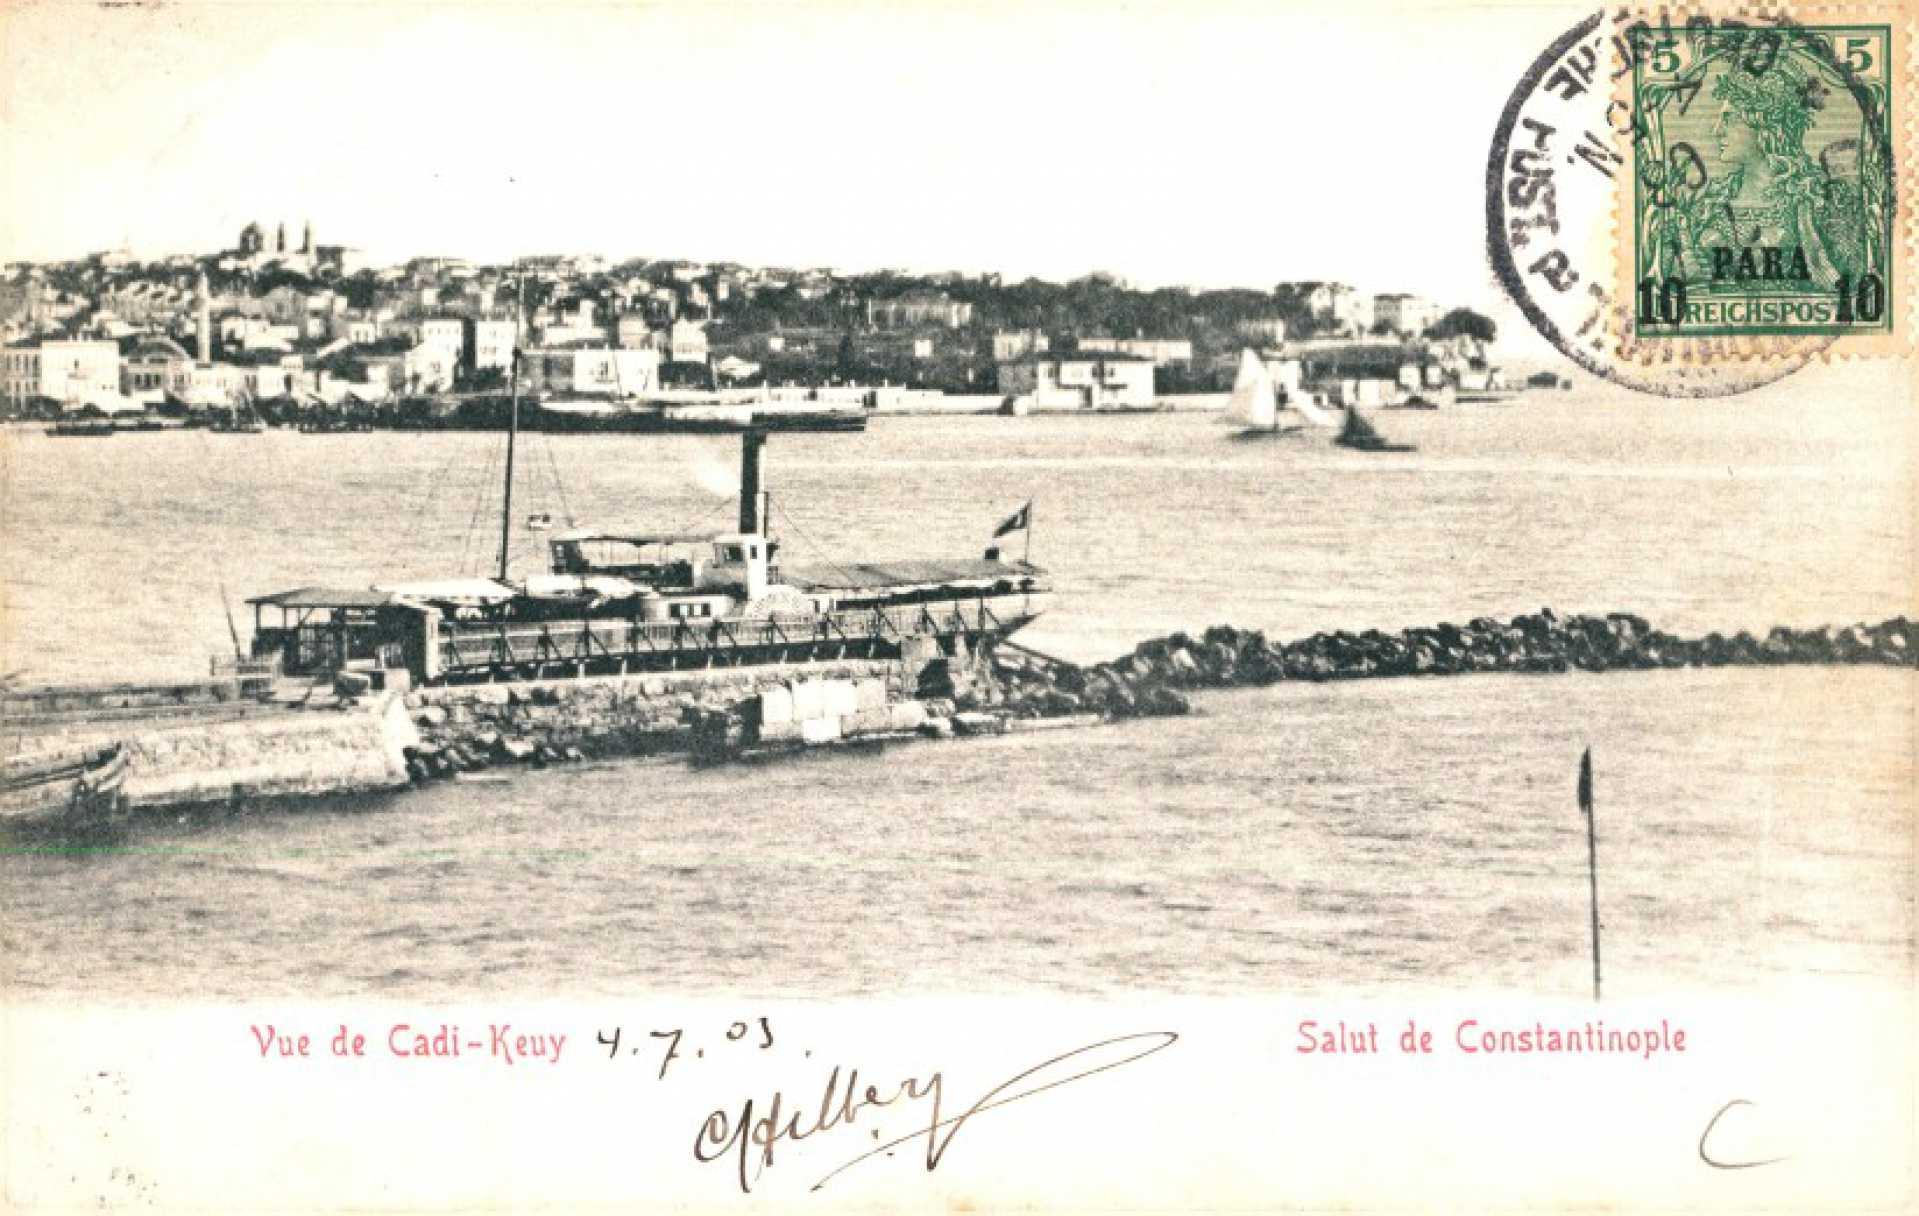 Vue de Cadi-Keuy